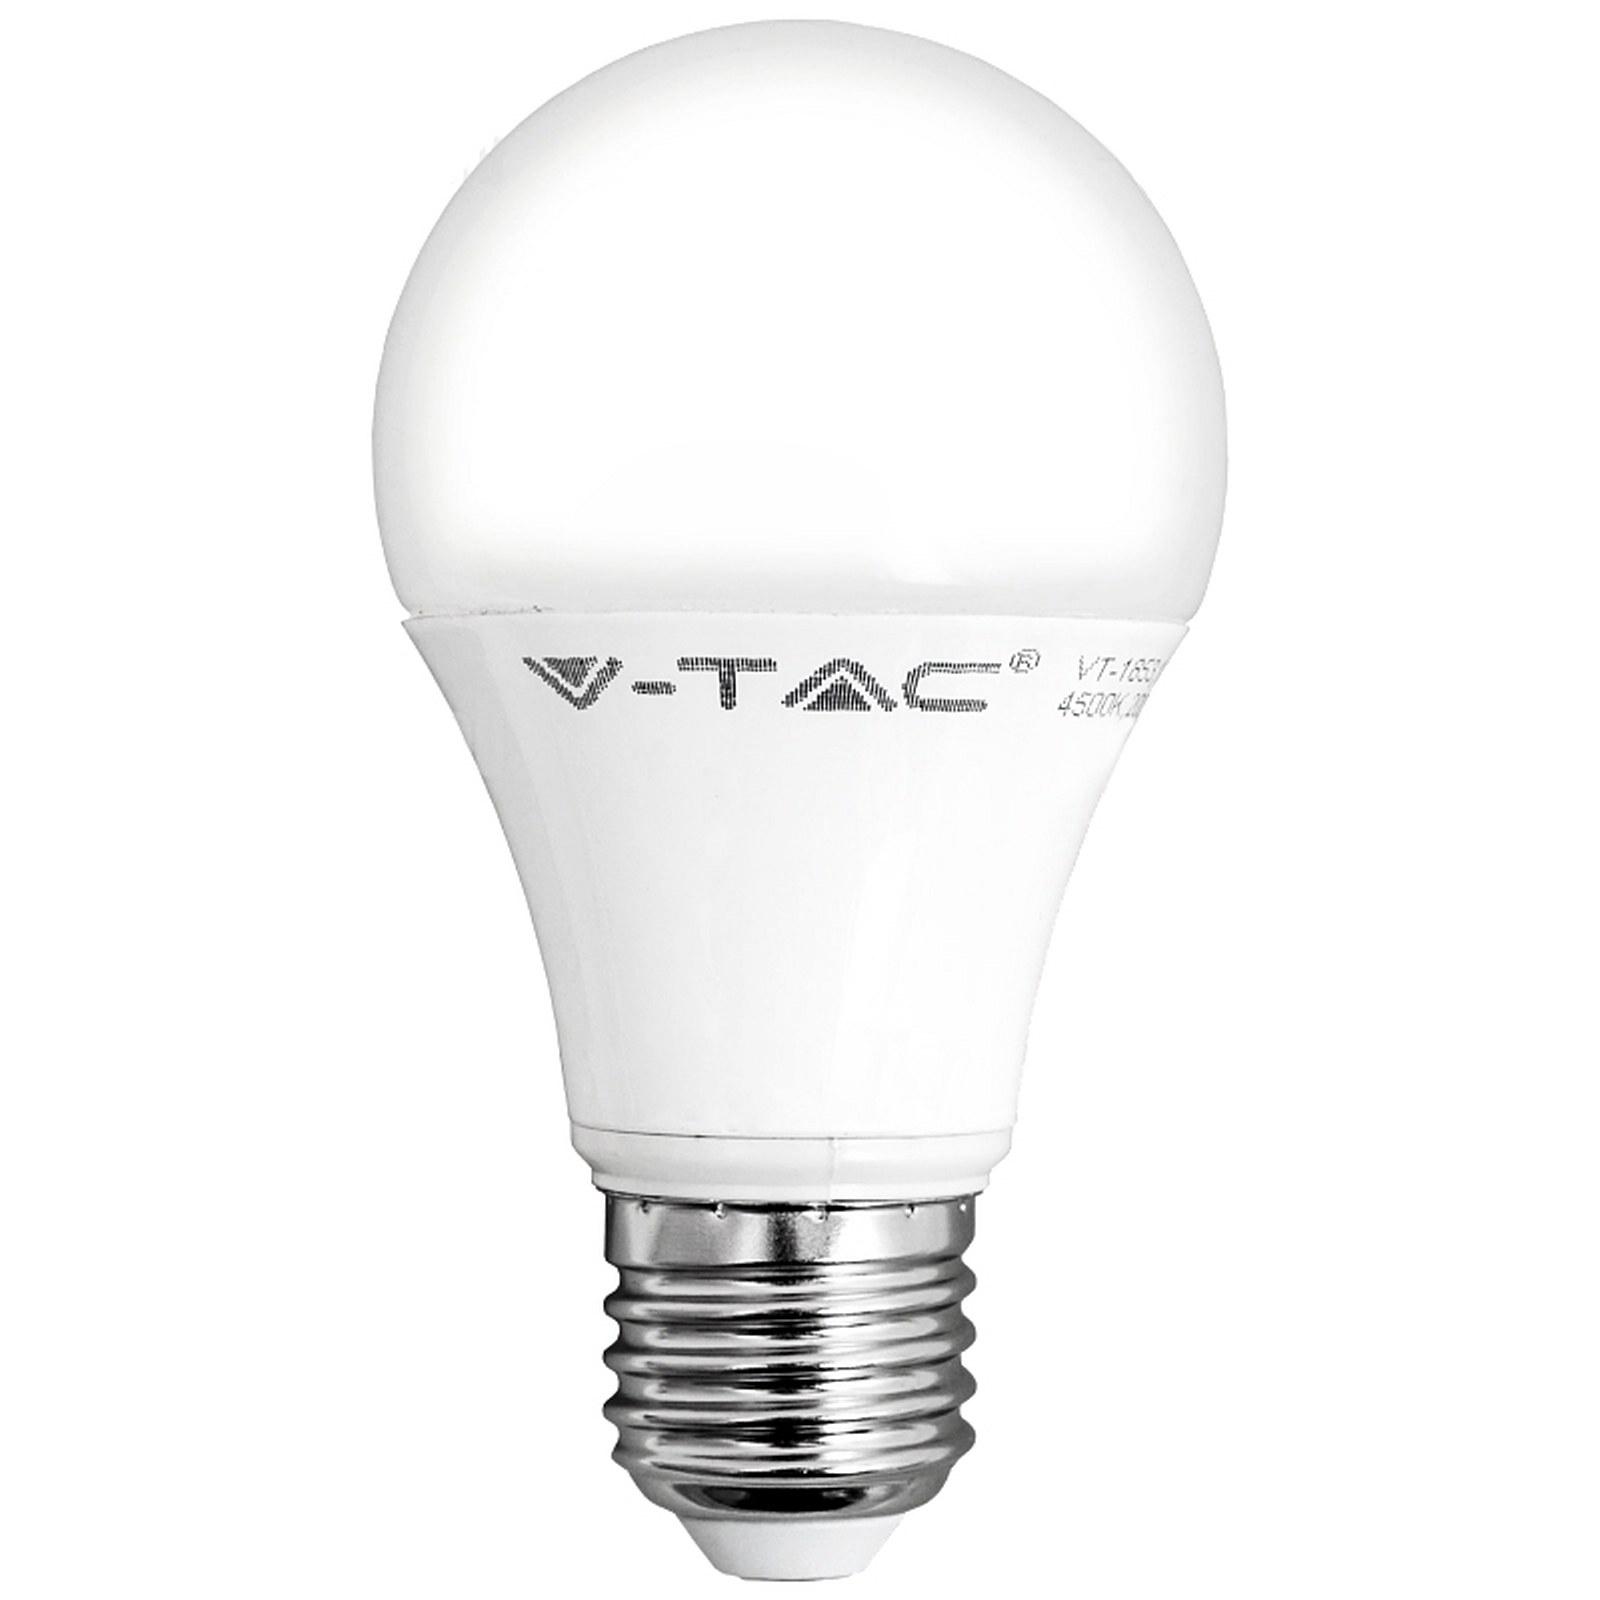 V-TAC - 4209 LED Крушка - 10W E27 A60 Термо Пластик 2700K